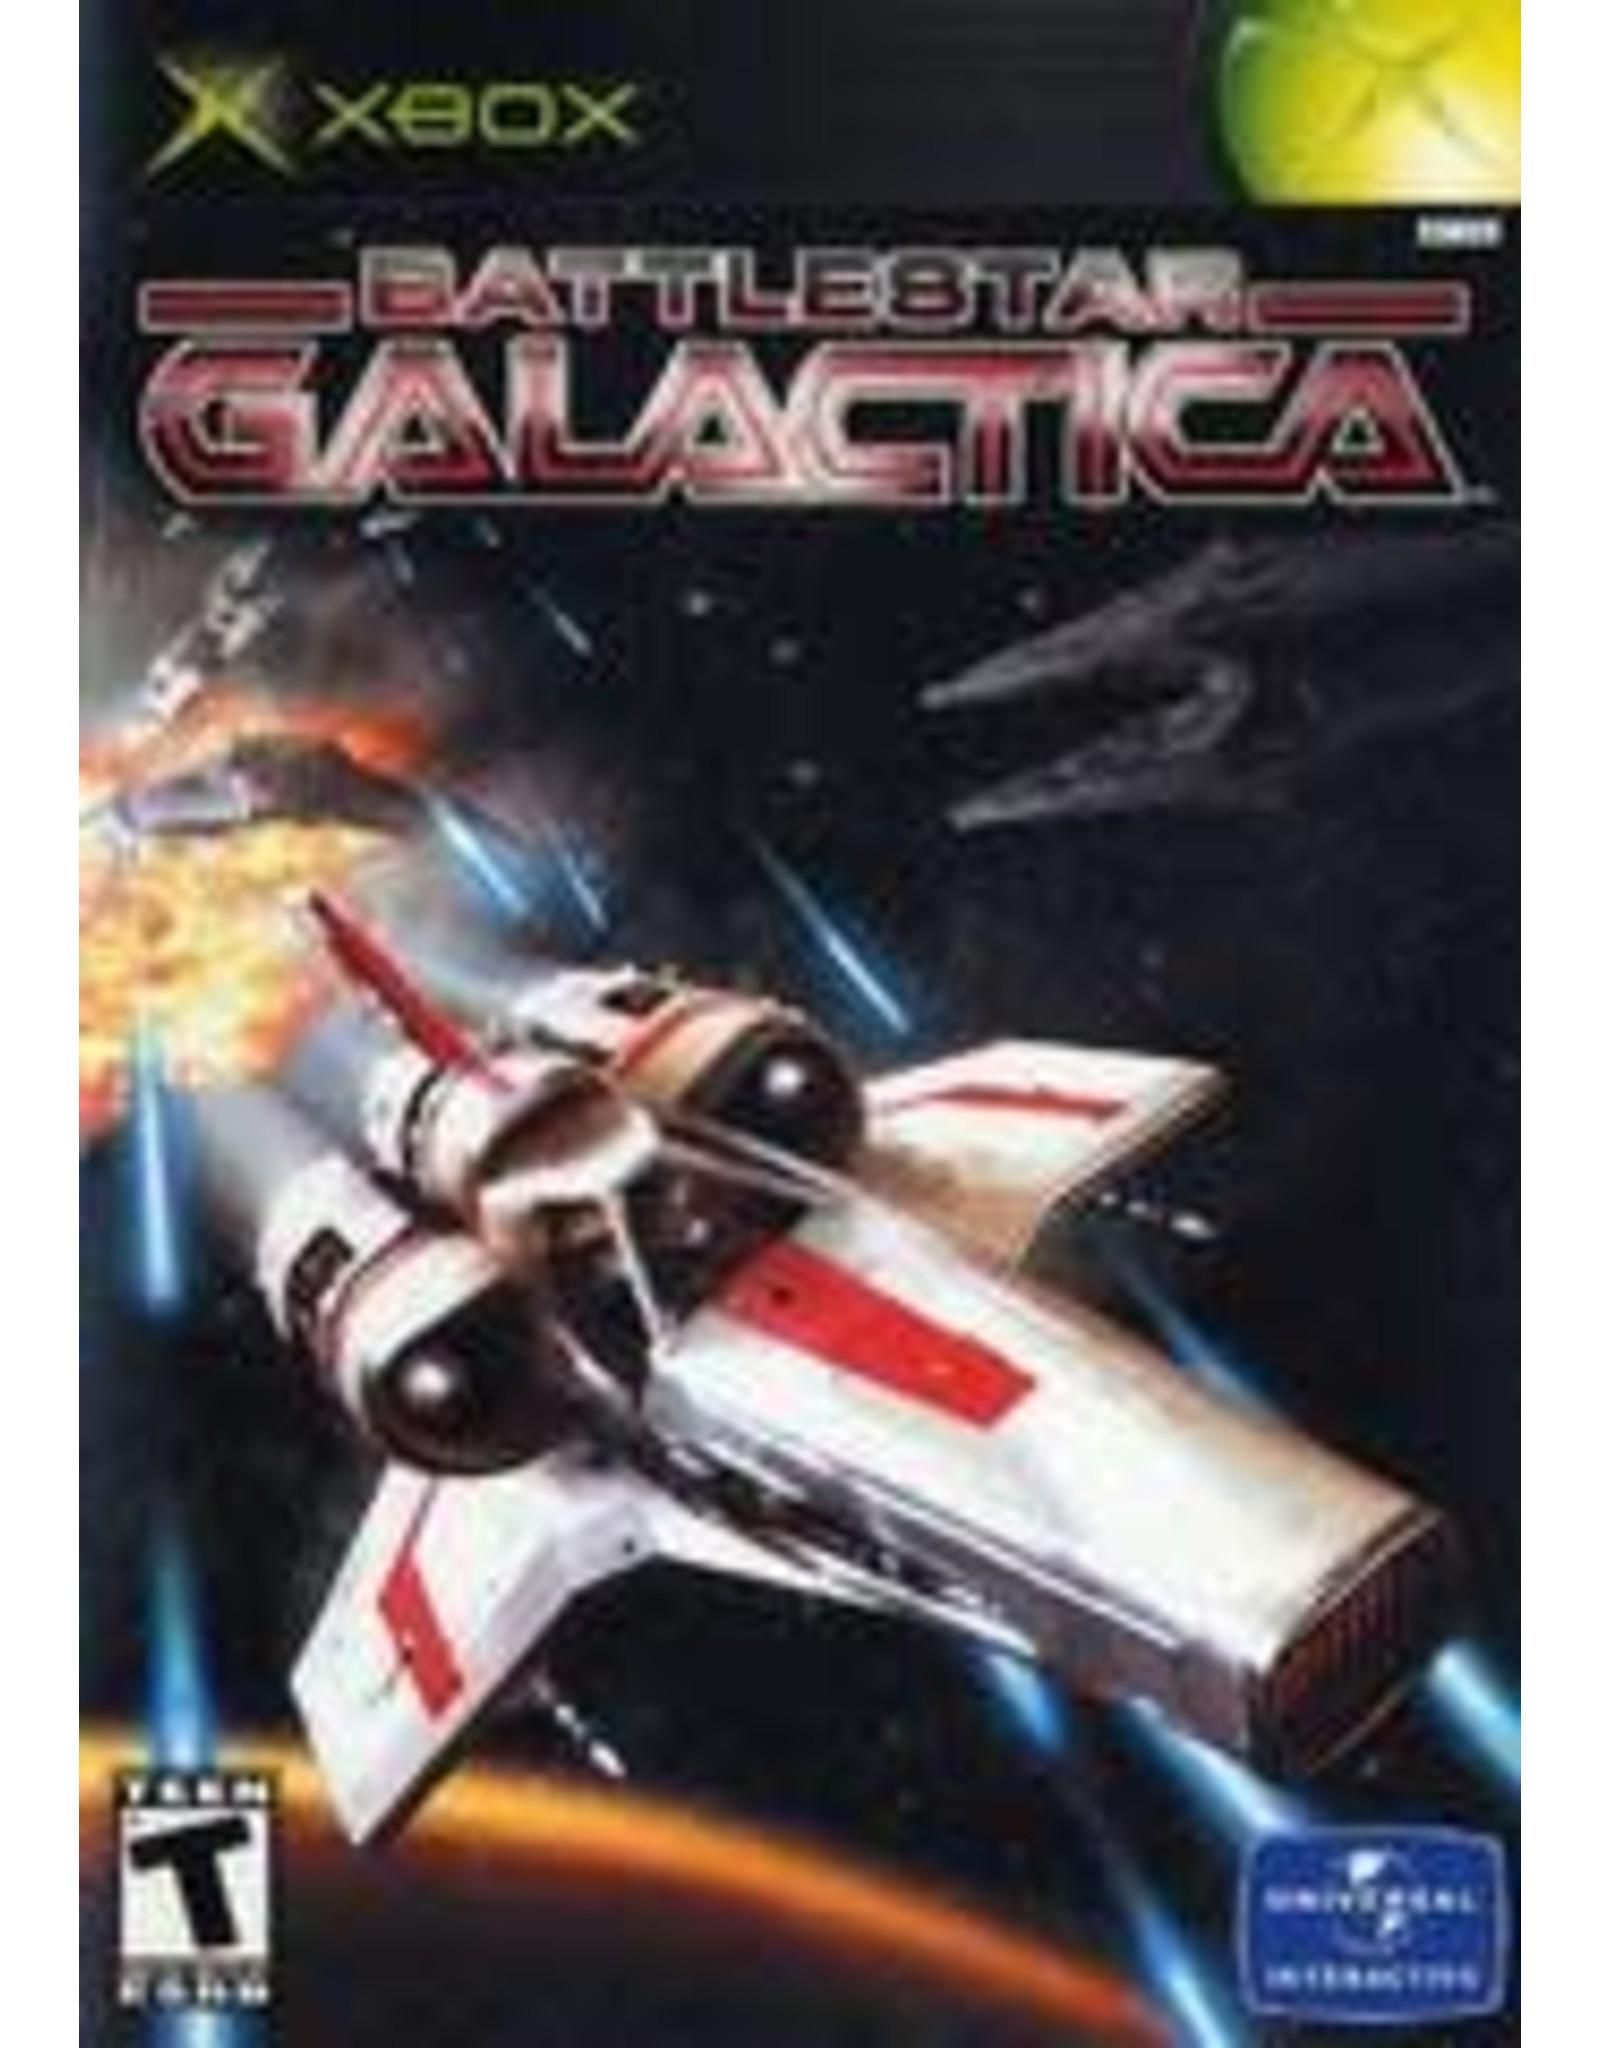 Xbox Battlestar Galactica (CiB)